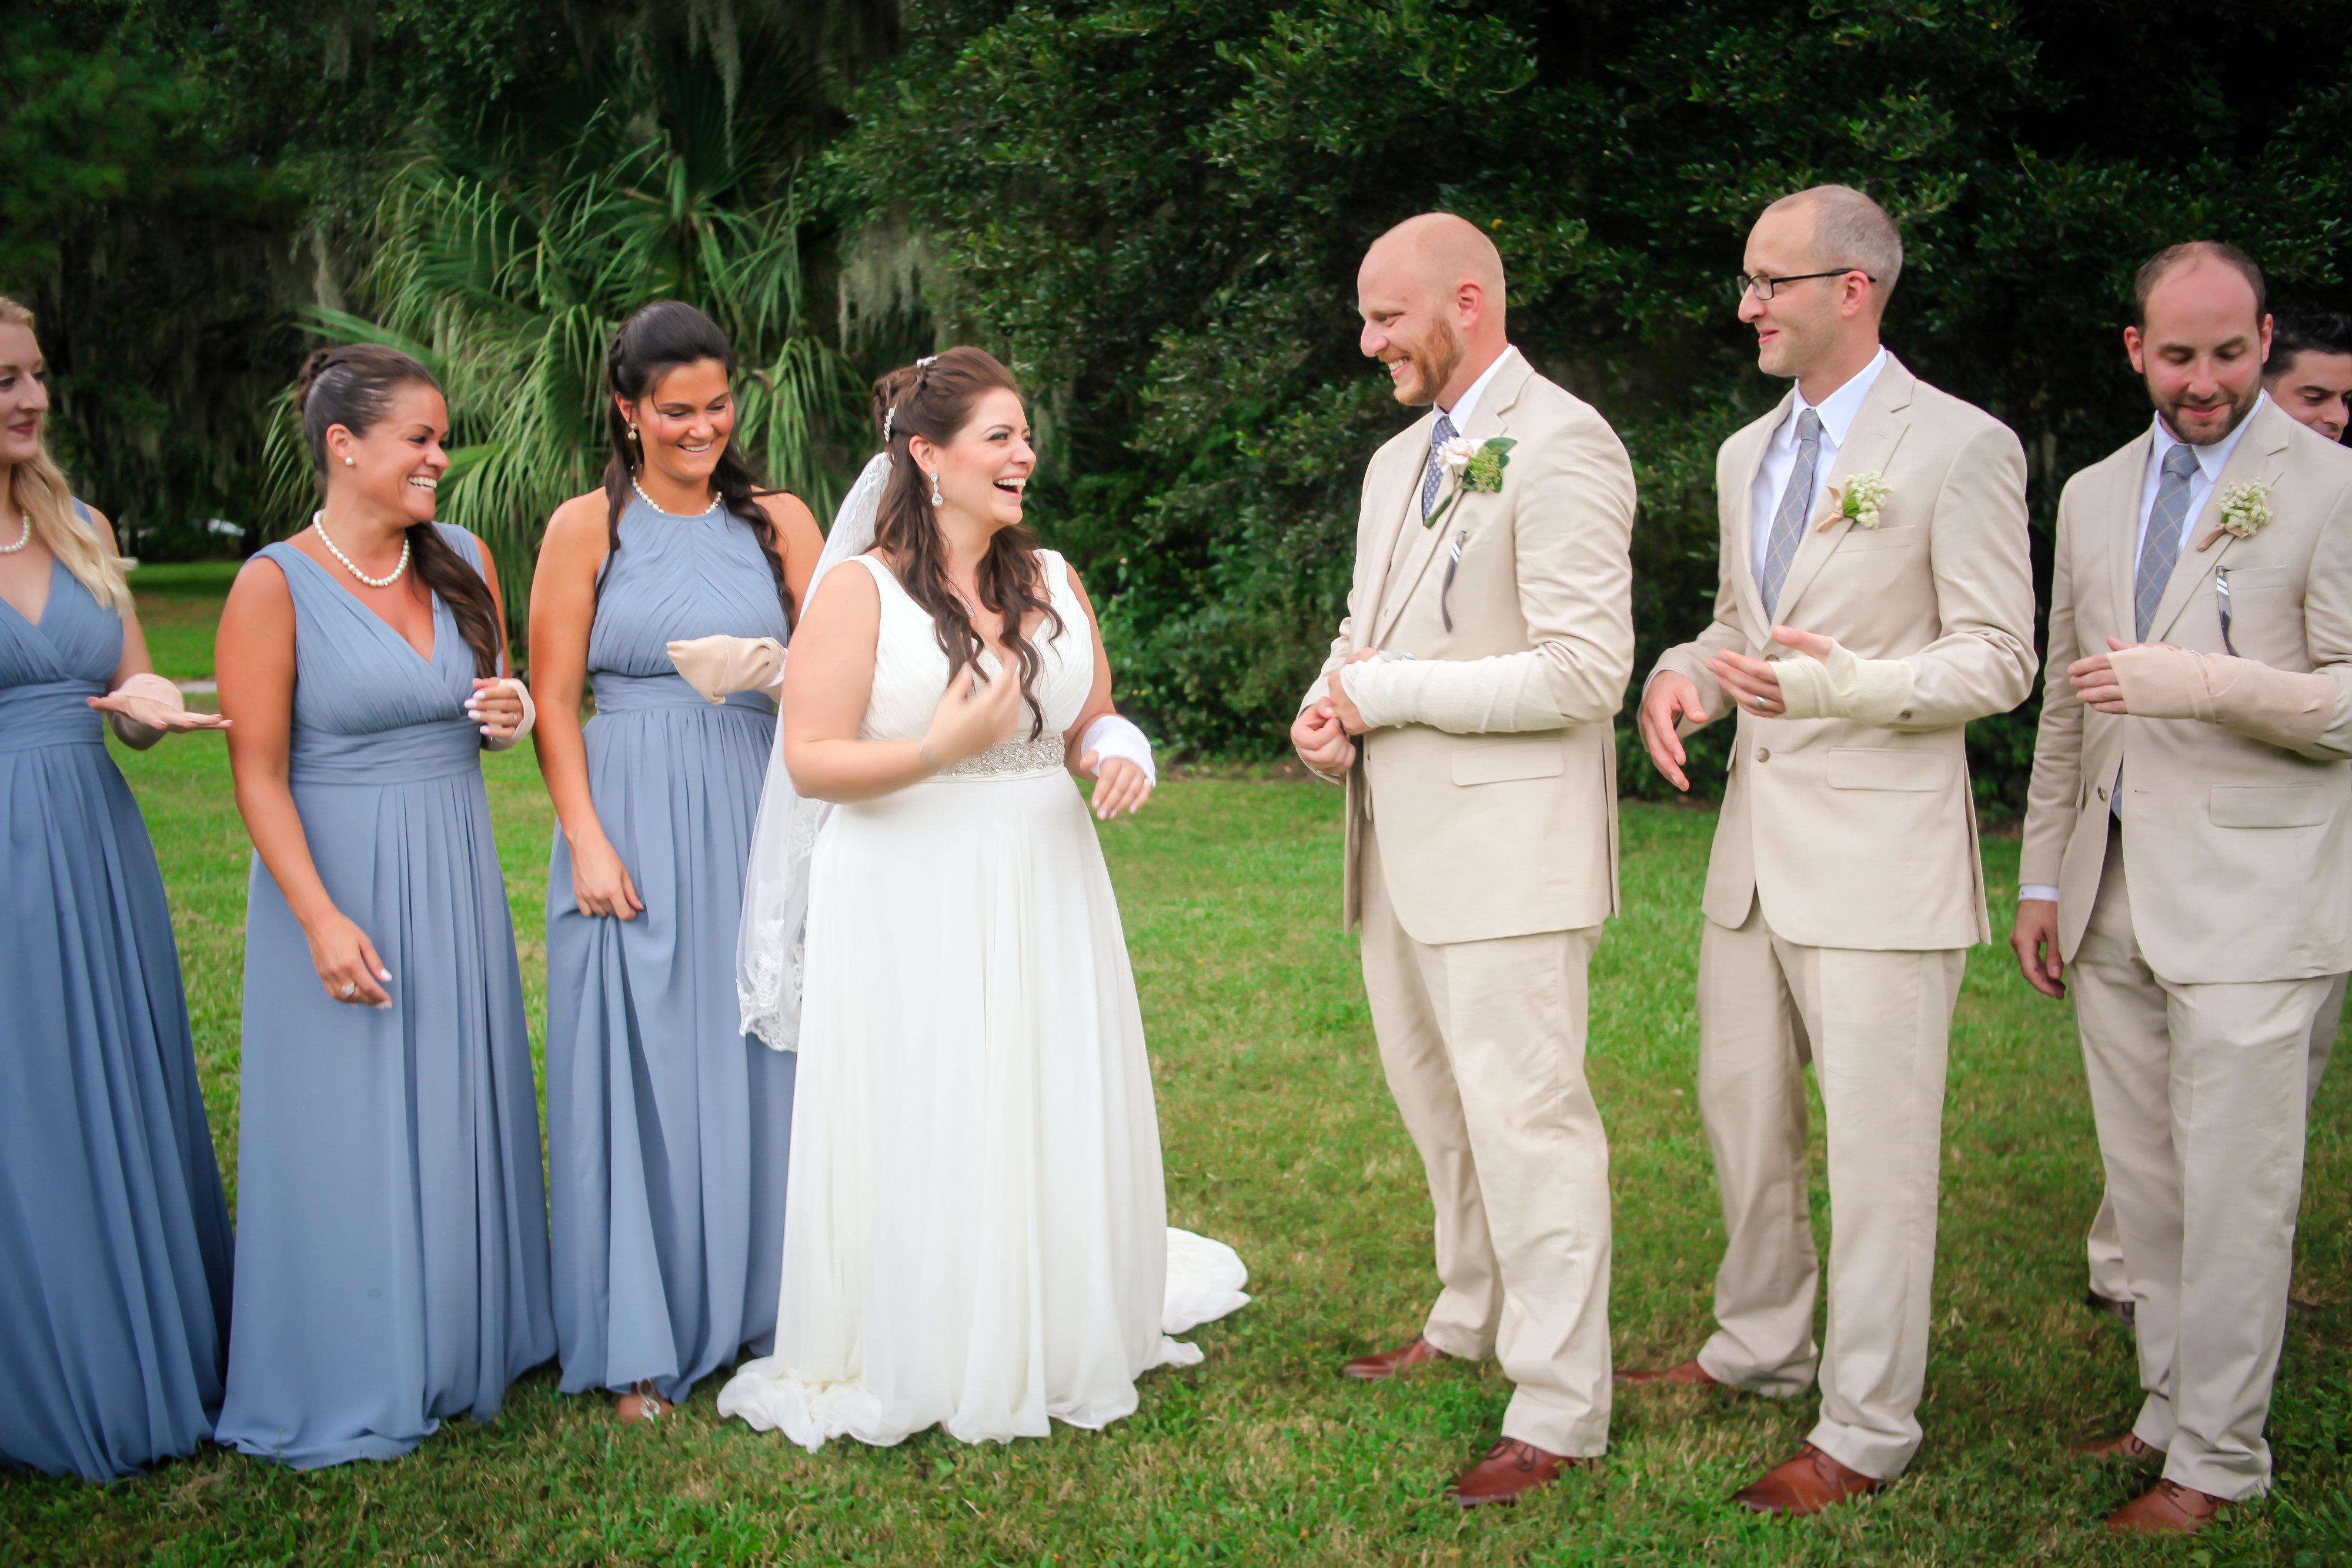 Bride cast wedding